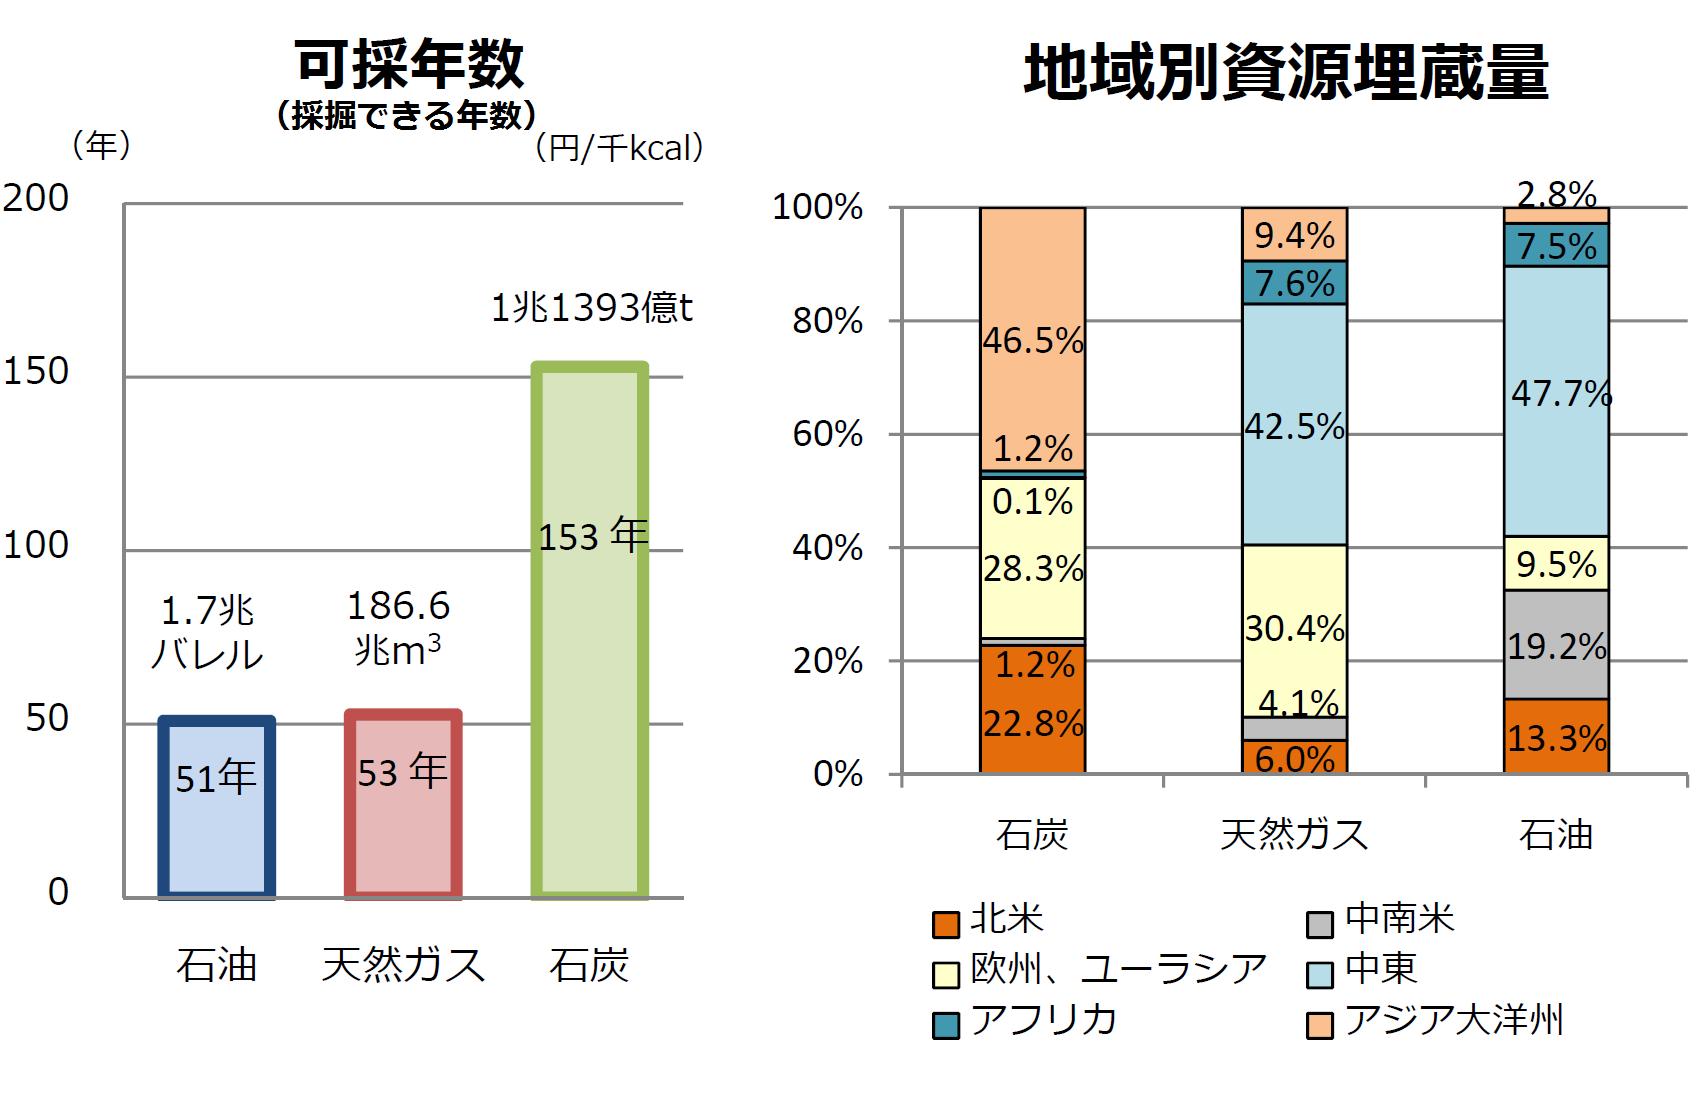 石炭の可採年数と、地域別資源埋蔵量を表したグラフです。